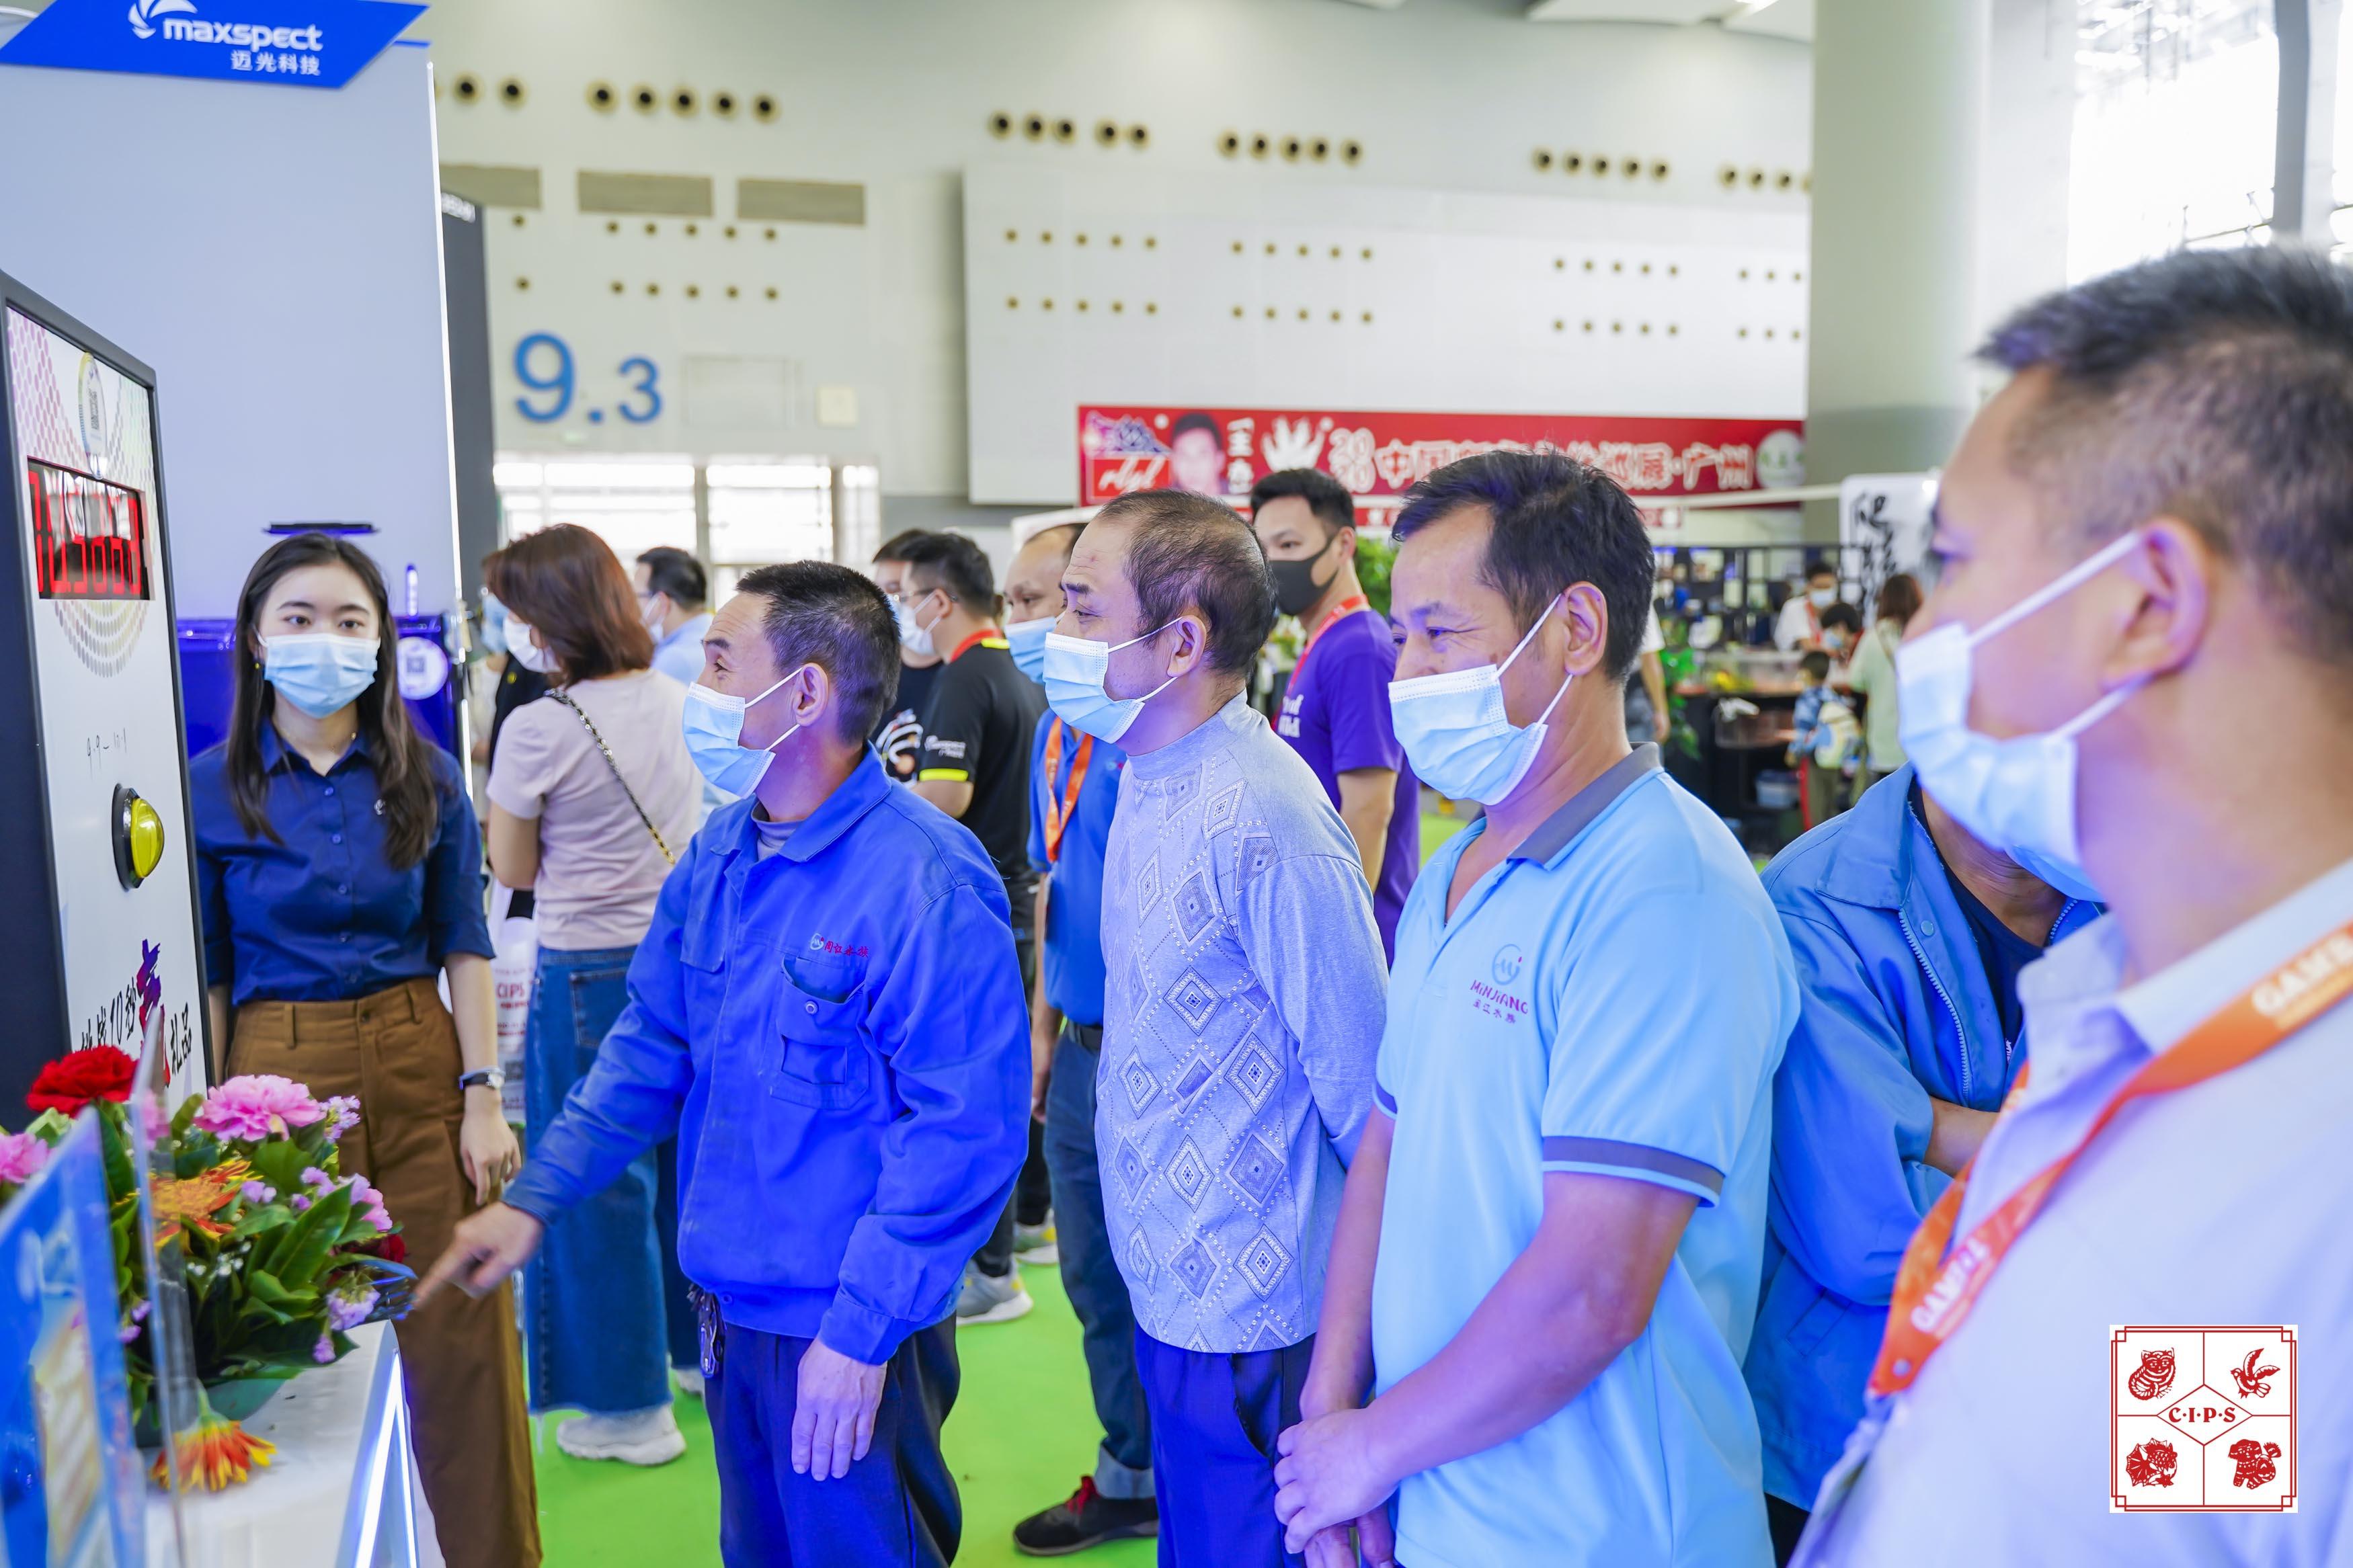 第二十五届中国国际宠物水族展览会(CIPS 2021)